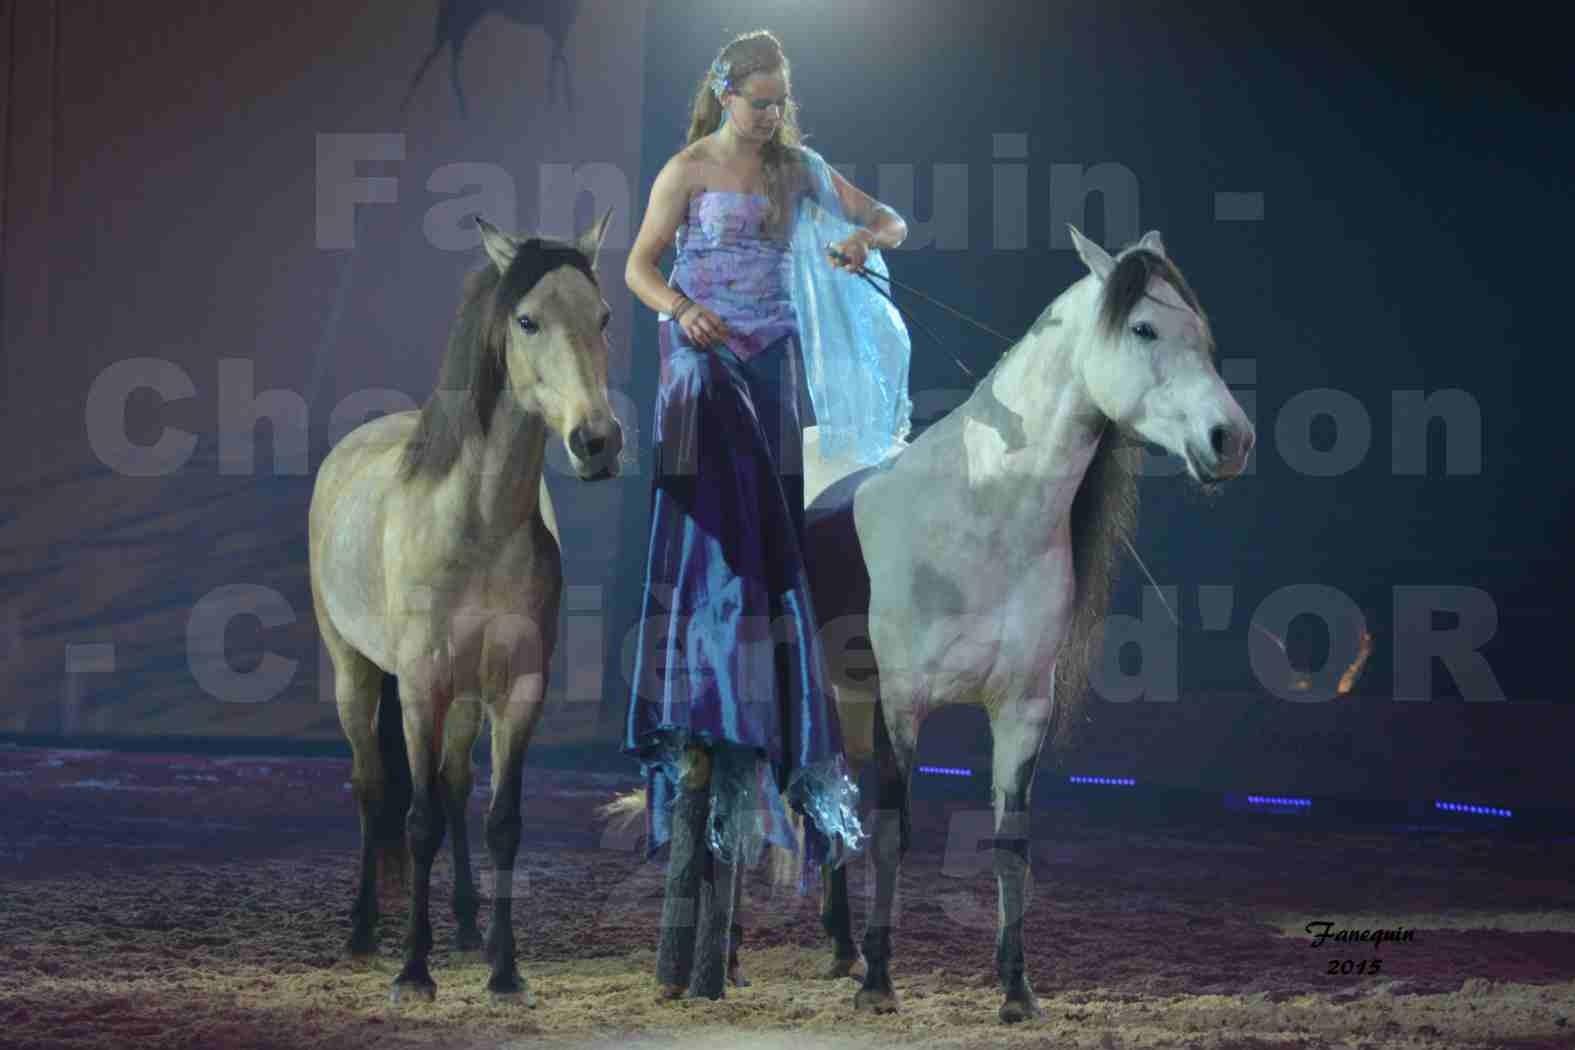 Cheval Passion 2015 - Spectacle des Crinières d'OR - Lucie VAUTHIER & 2 chevaux en liberté - 13